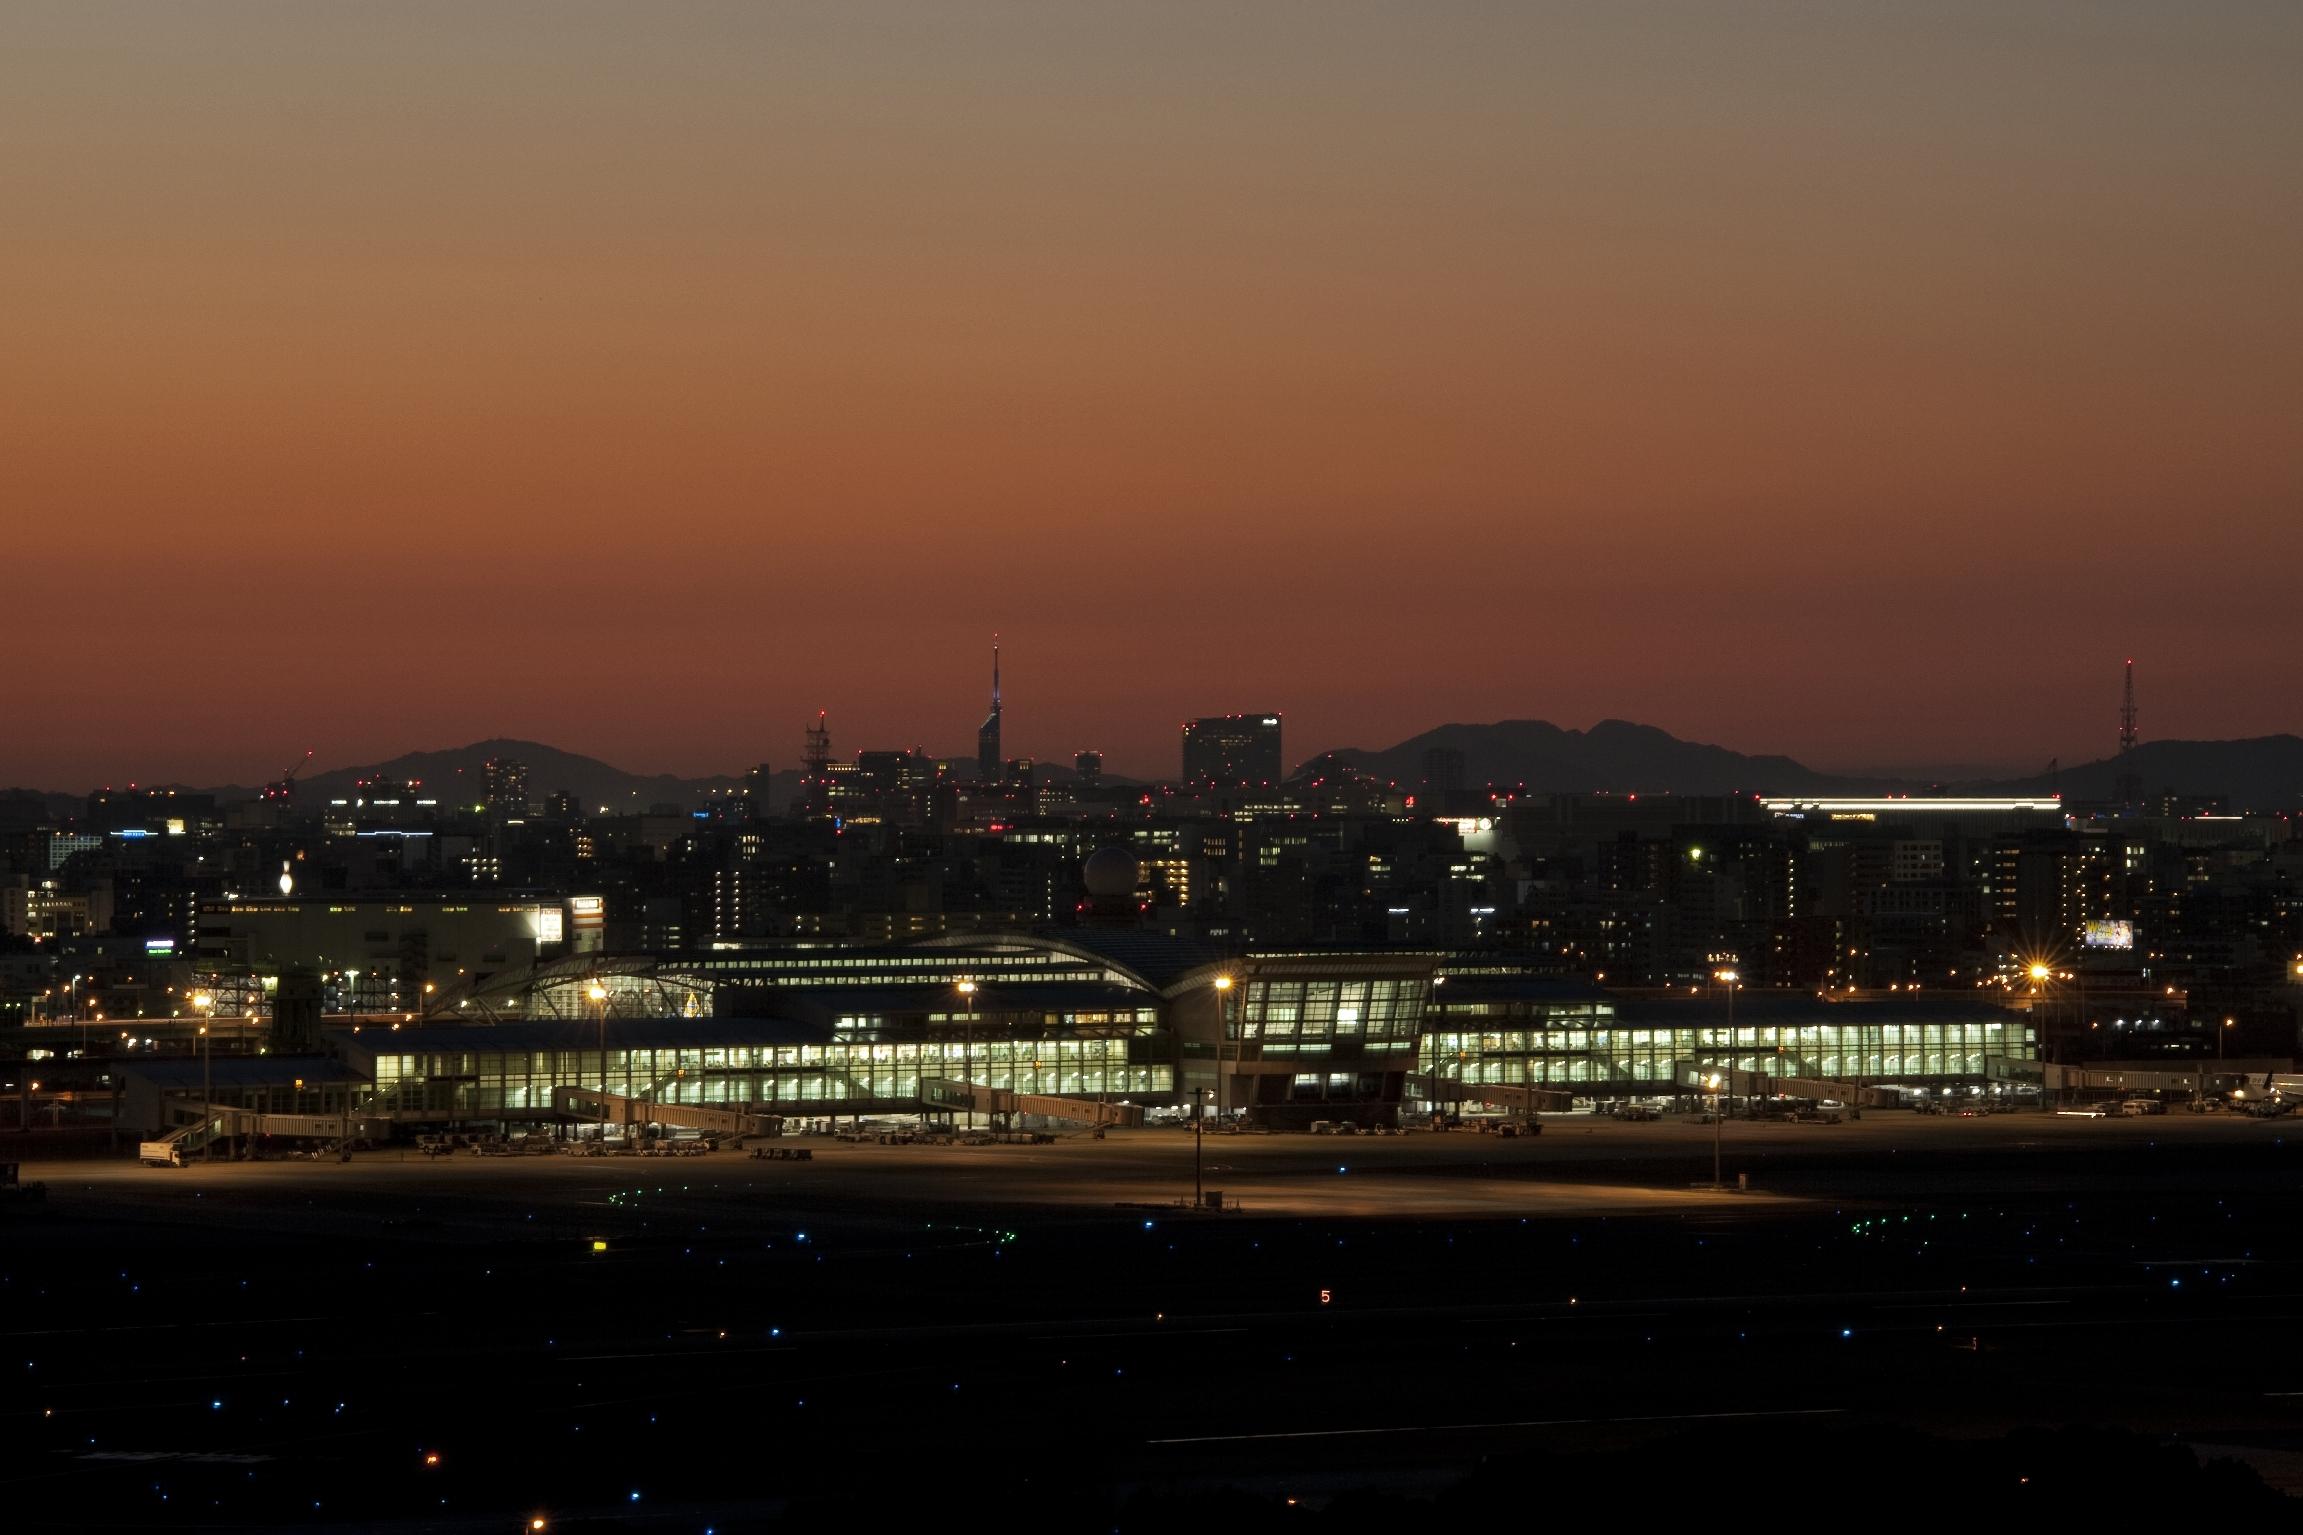 福岡空港夜景(2014)の画像